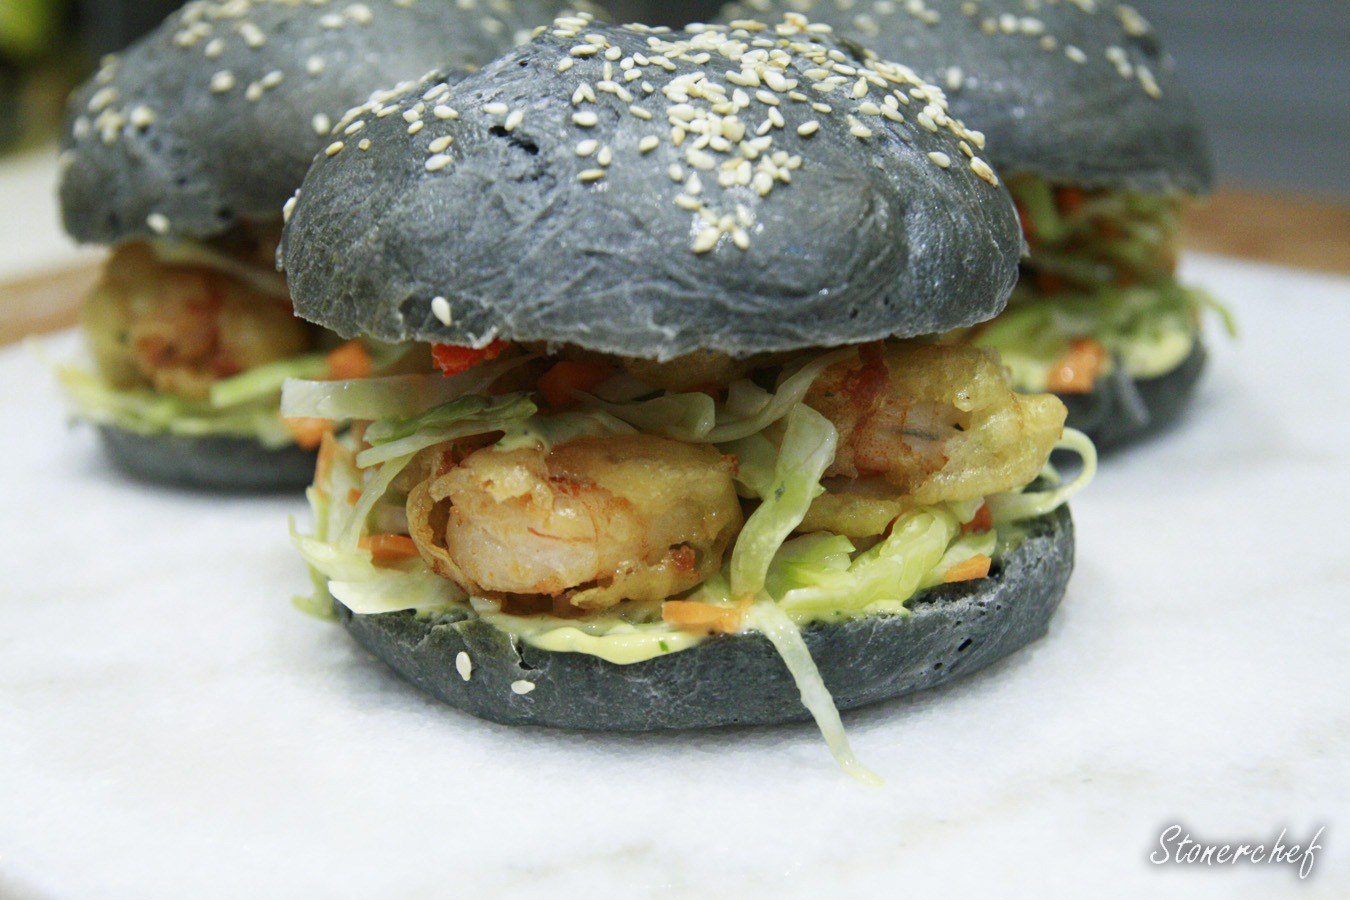 http://www.stonerchef.pl/wp-content/uploads/2016/08/gotowe-czarne-burgery-z-krewetkami-w-tempurze-i-krazkami-cebulowymi.jpg